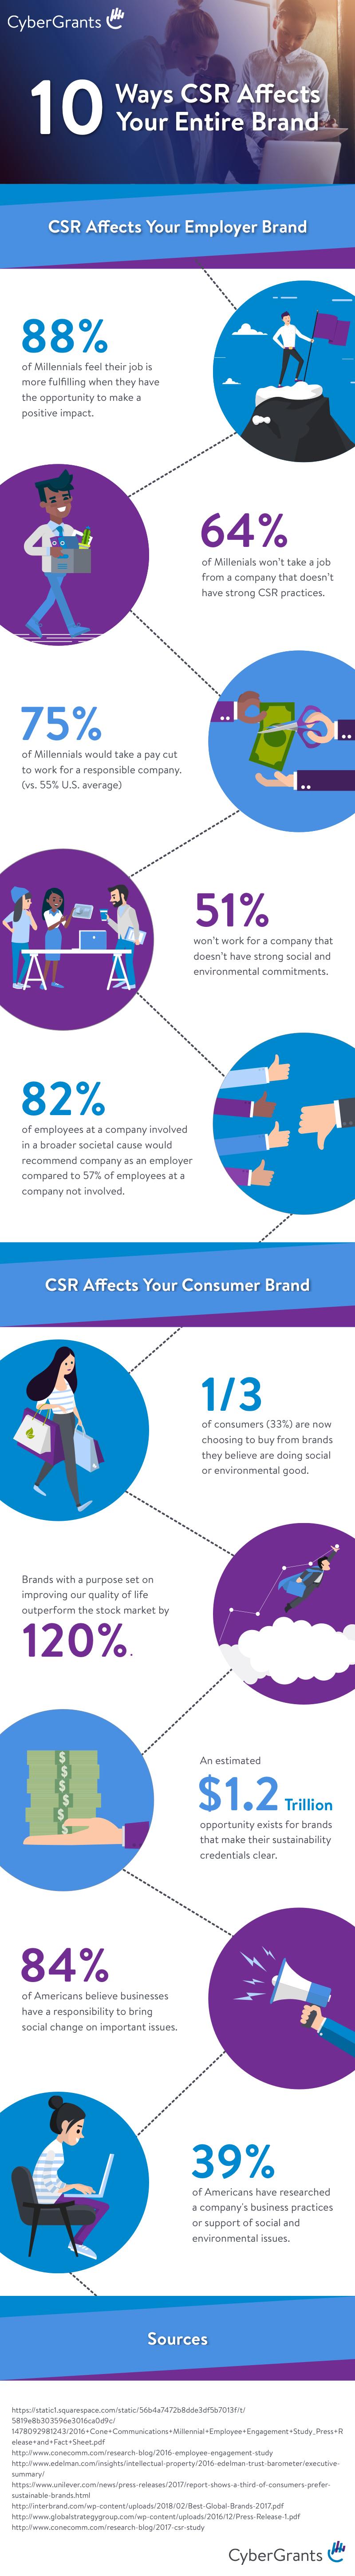 CyberGrants-Infographic